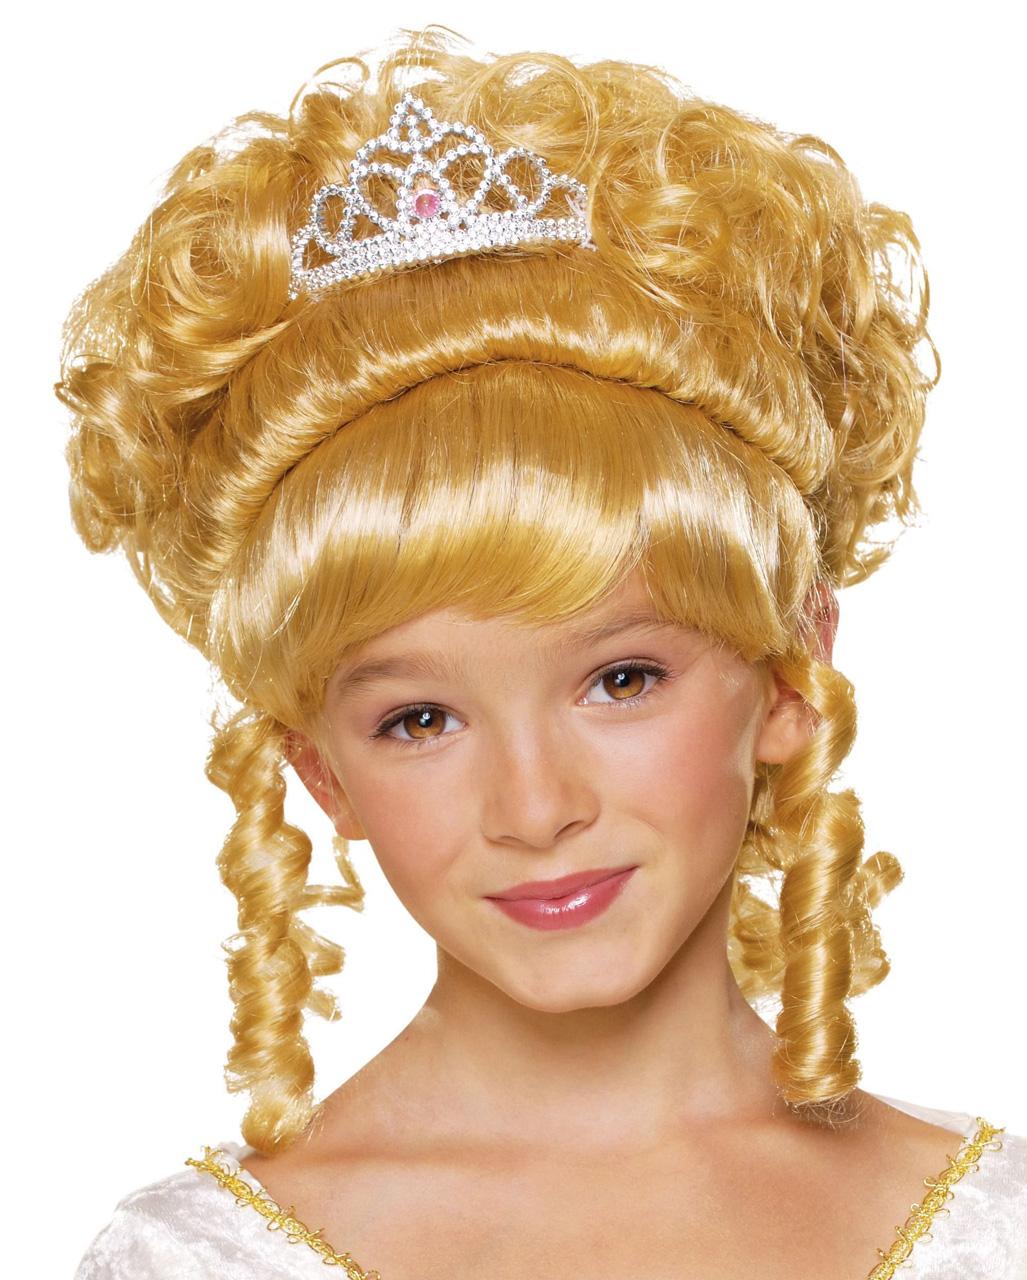 Kinderperücke blond mit Locken kleine Prinzessin Perücke Kinder Fasching Party